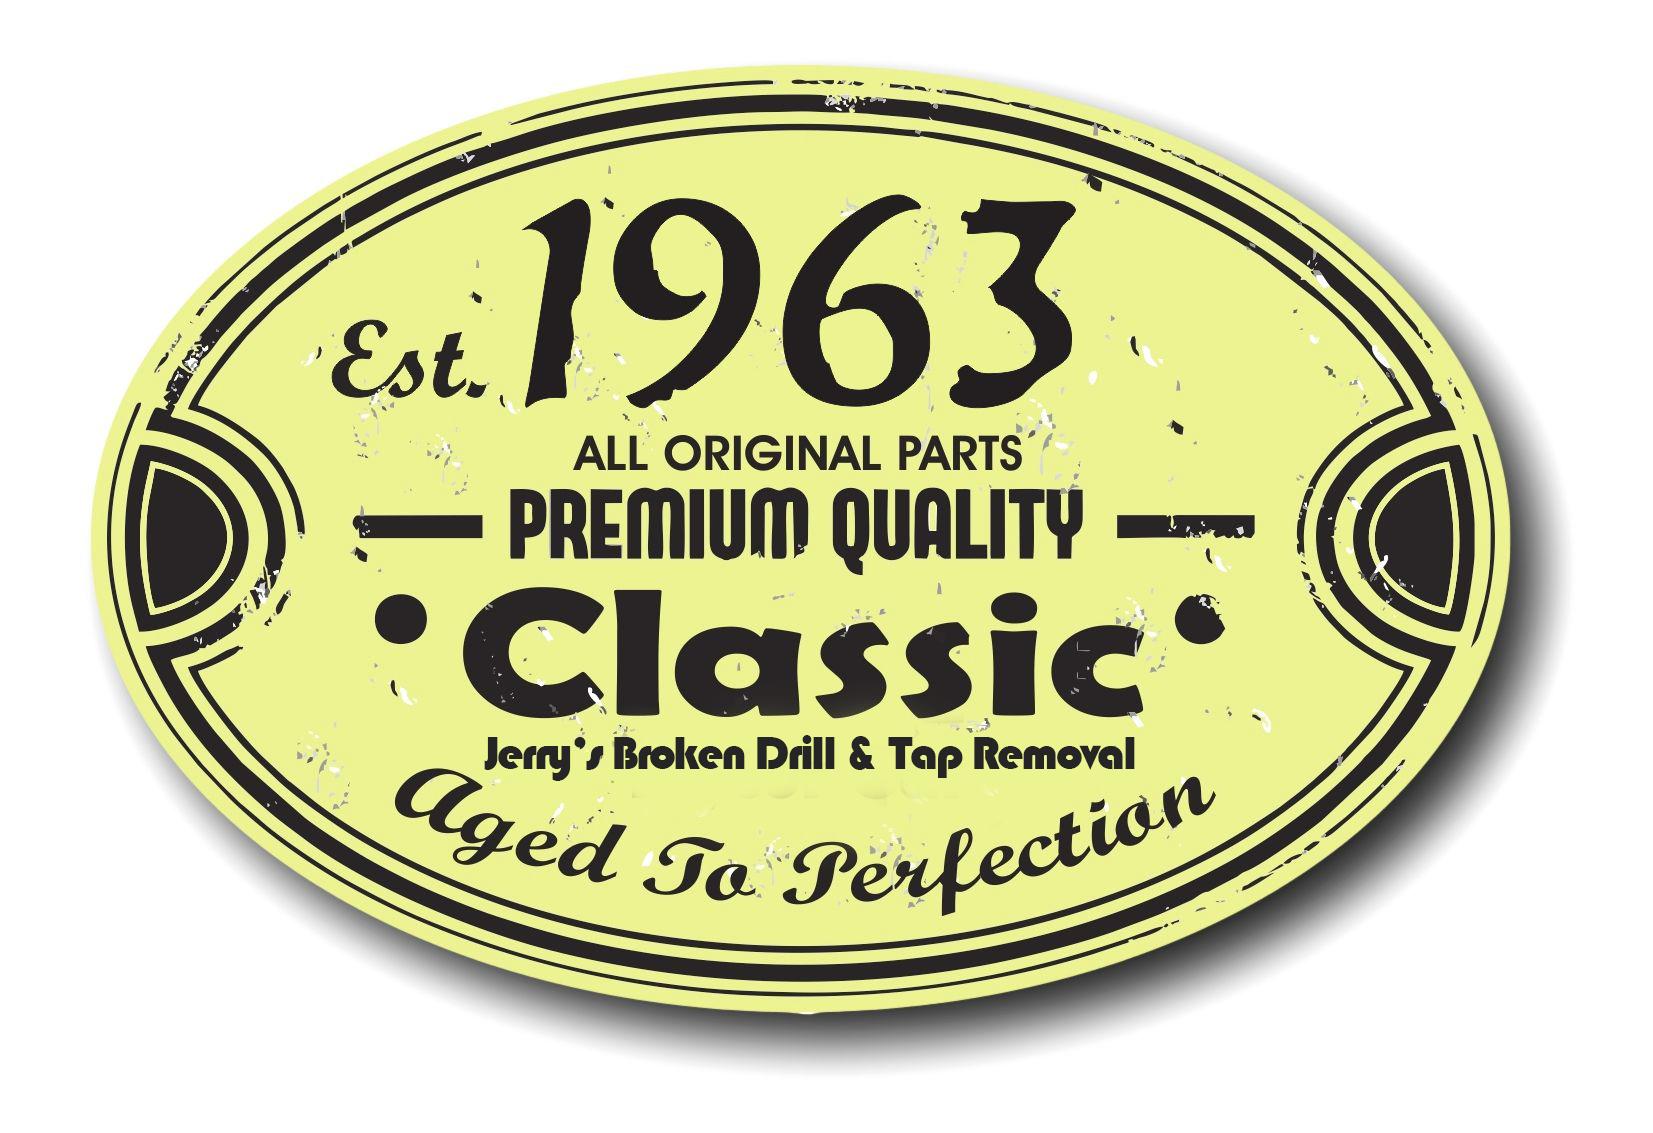 established1963